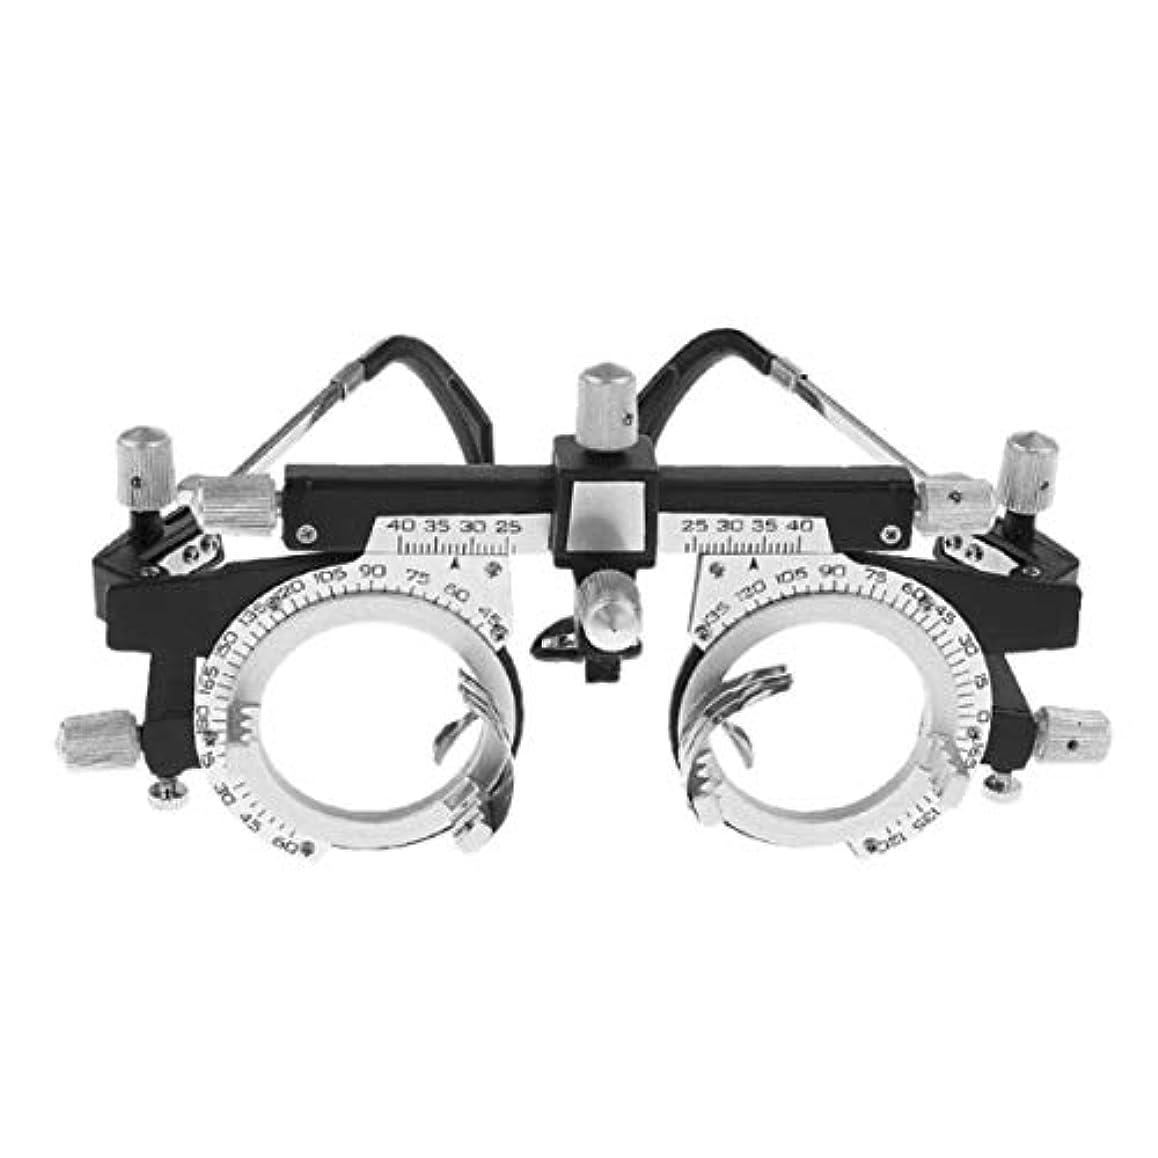 パキスタンラッシュ武装解除調節可能なプロフェッショナルアイウェア検眼メタルフレーム光学オプティクストライアルレンズメタルフレームPDメガネアクセサリー - シルバー&ブラック